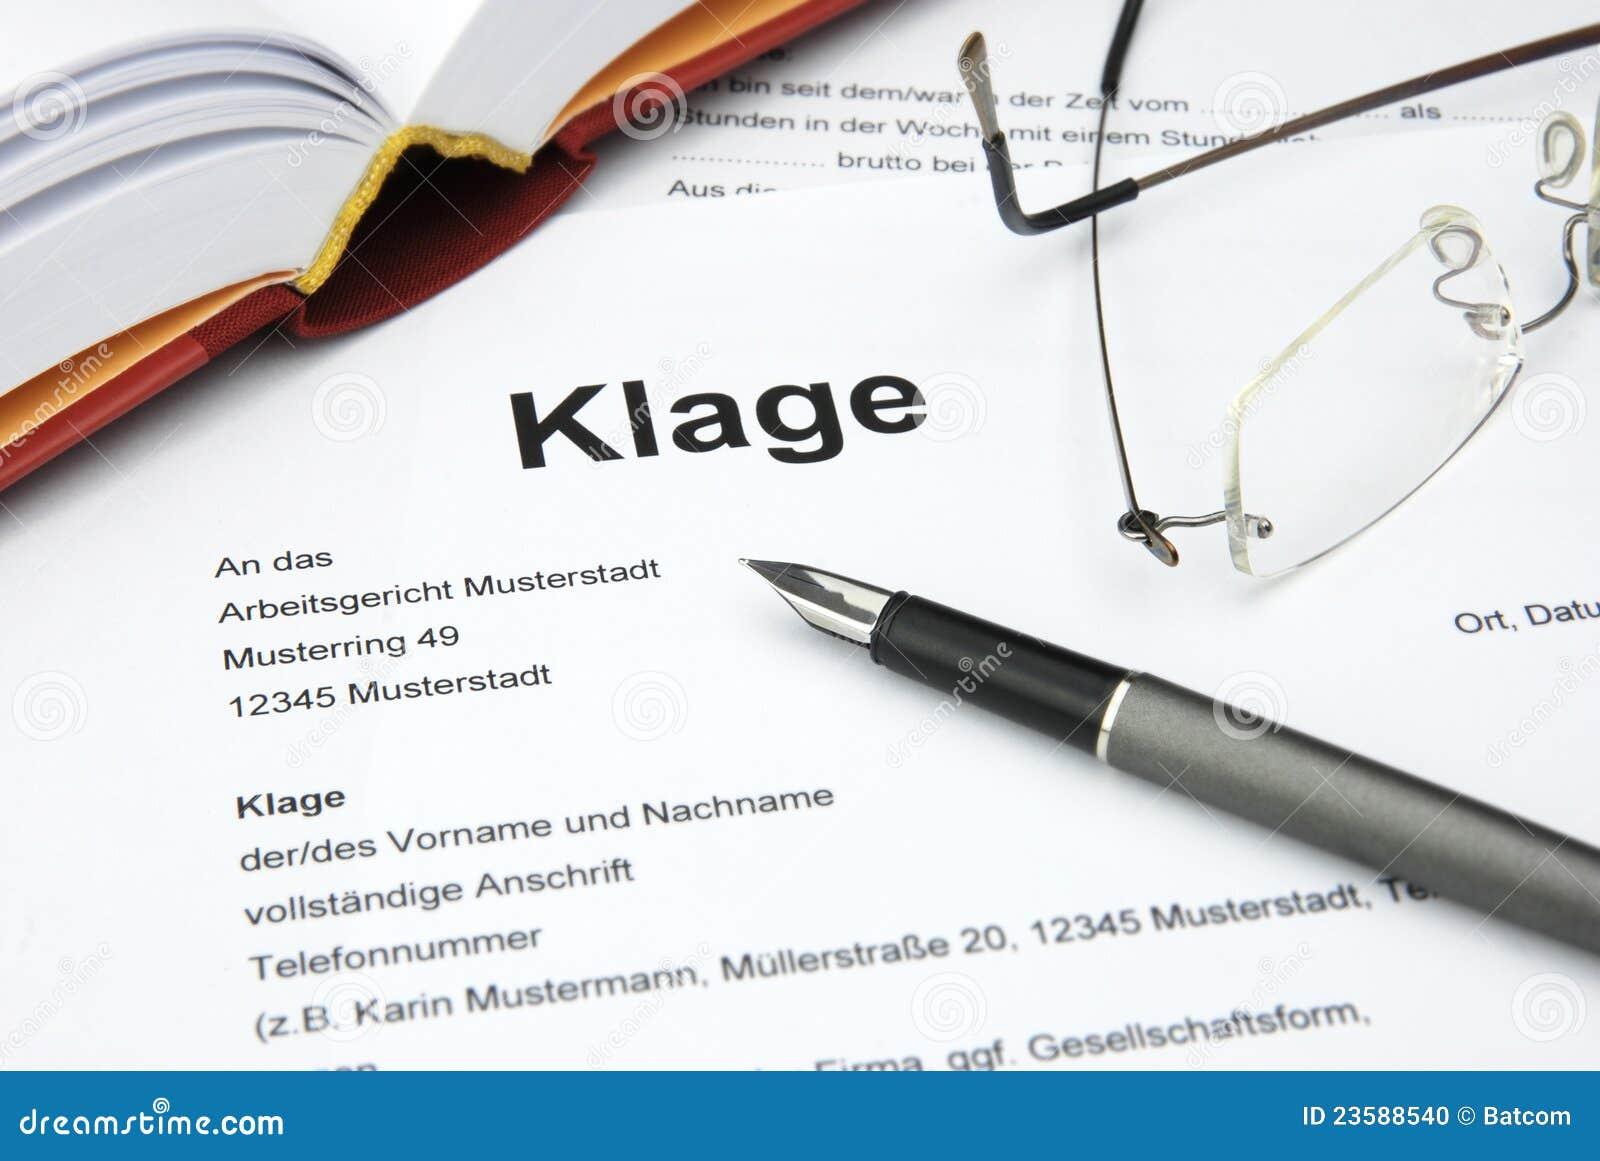 Niemiecka sprawa sądowa